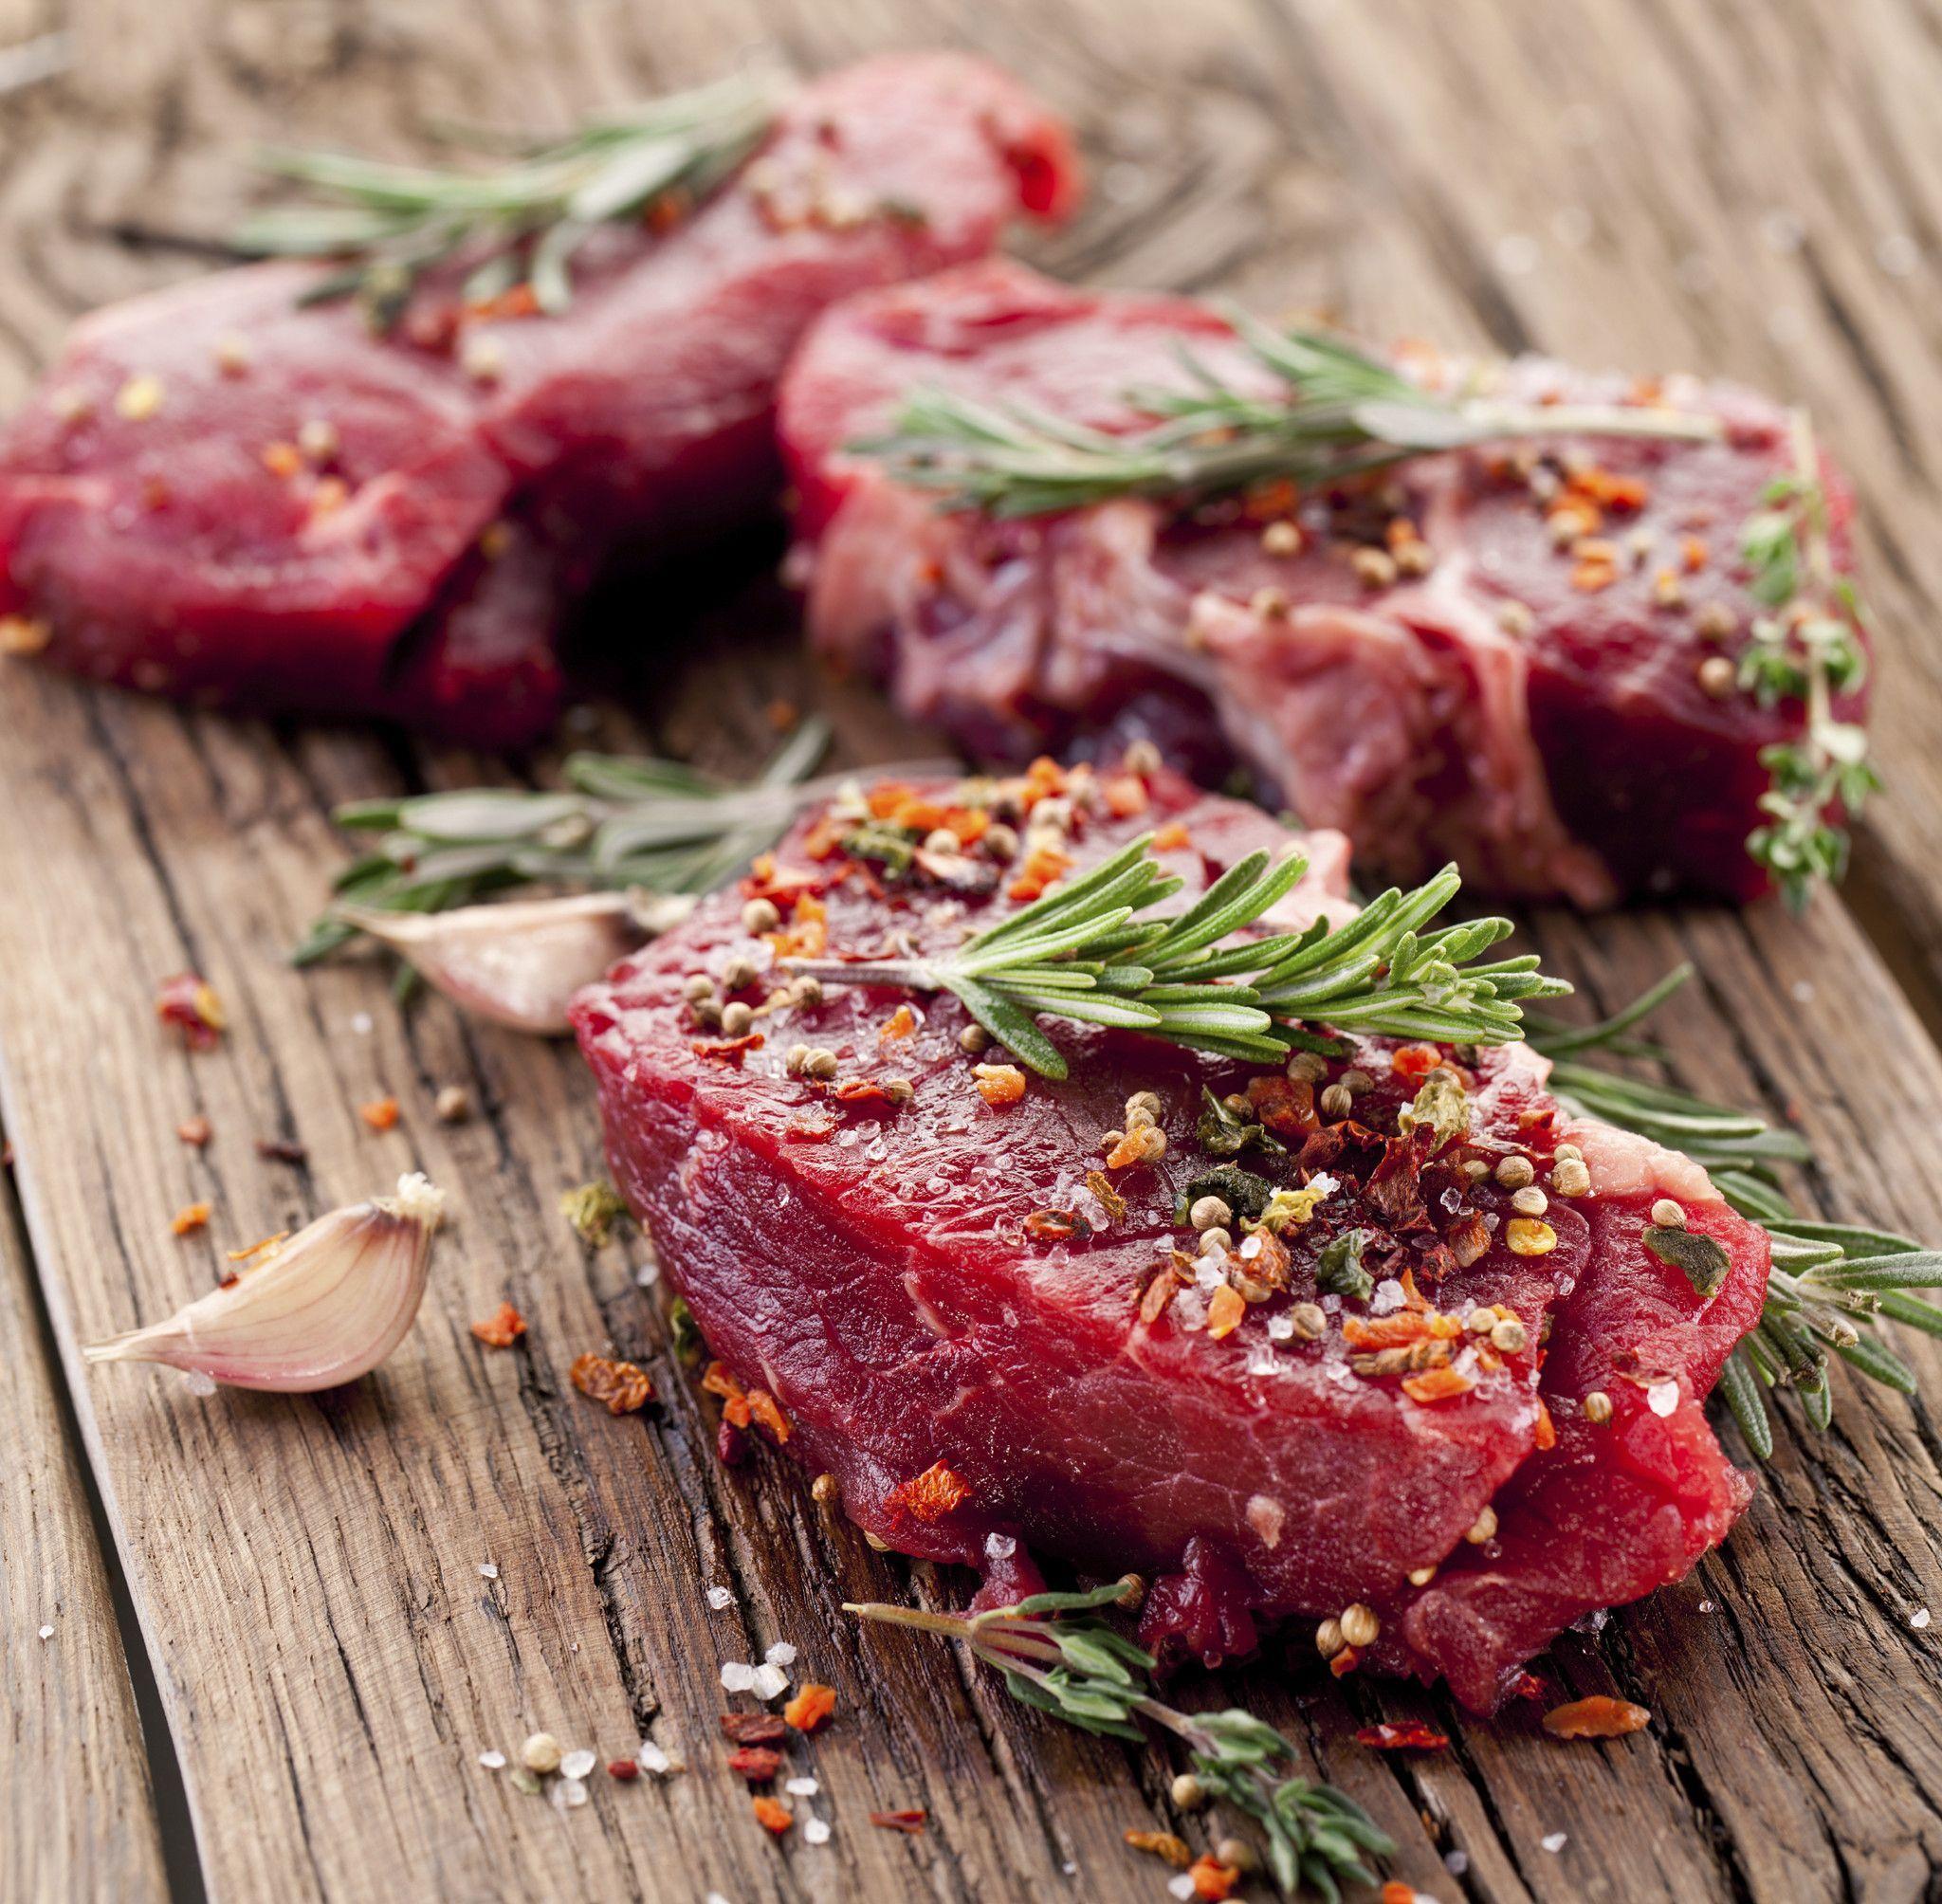 Japanese Wagyu Filet Mignon | Tenderloin Steak | Gout diet